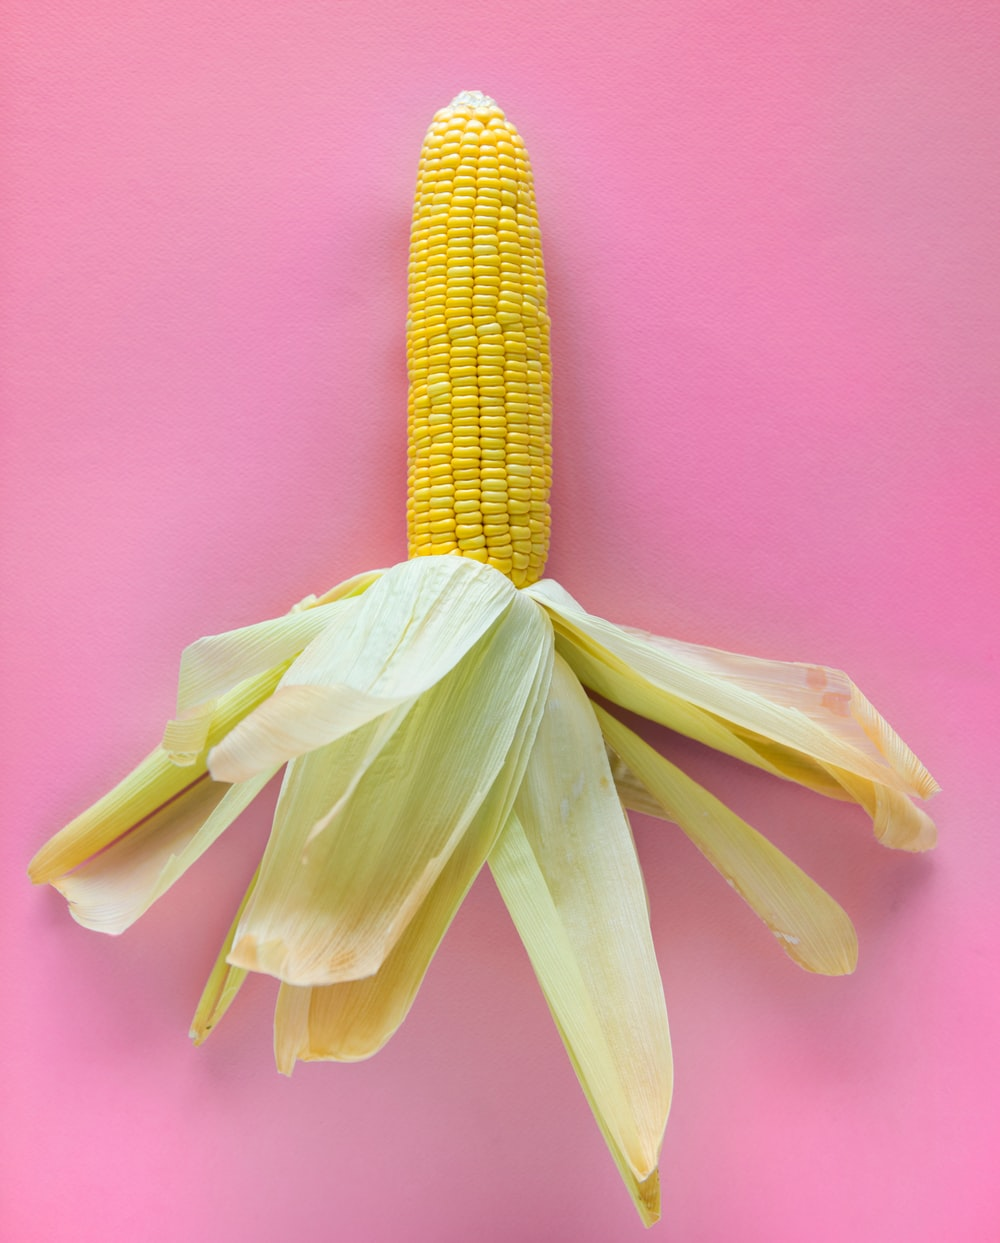 Corn Corn Leaf Yellow Corn And Sweetcorn Hd Photo By Rawpixel